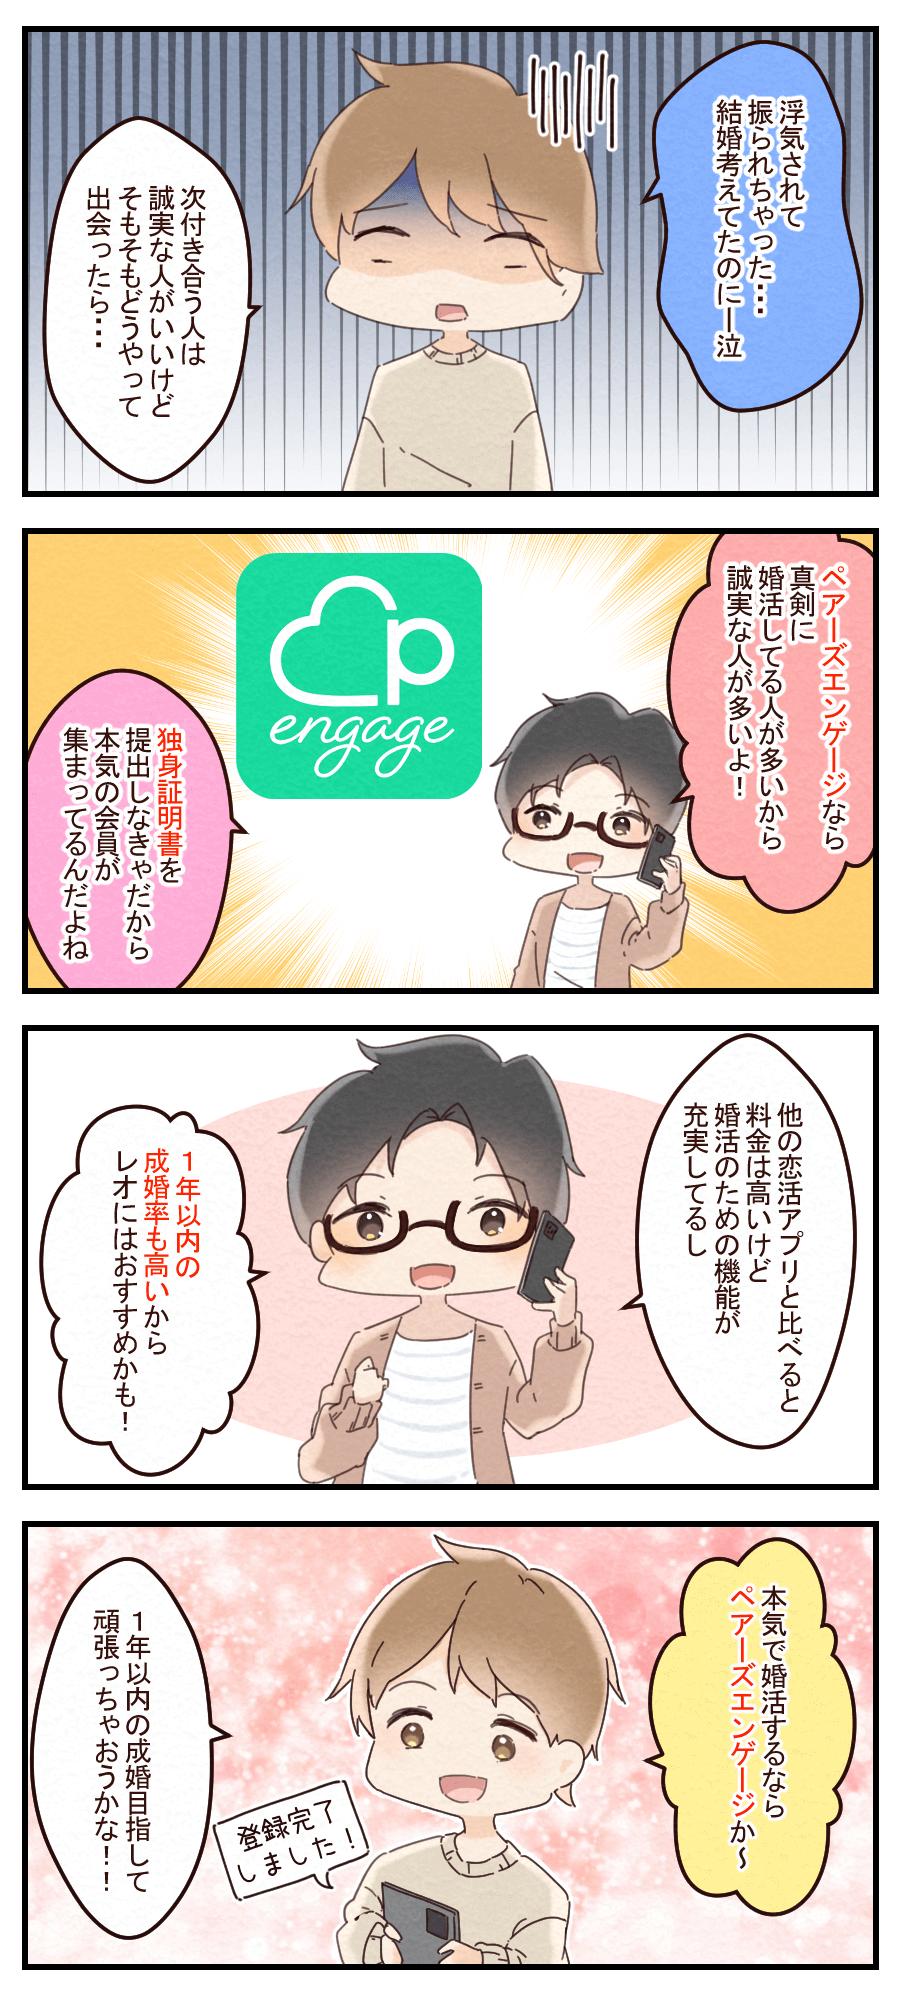 ペアーズエンゲージ評判